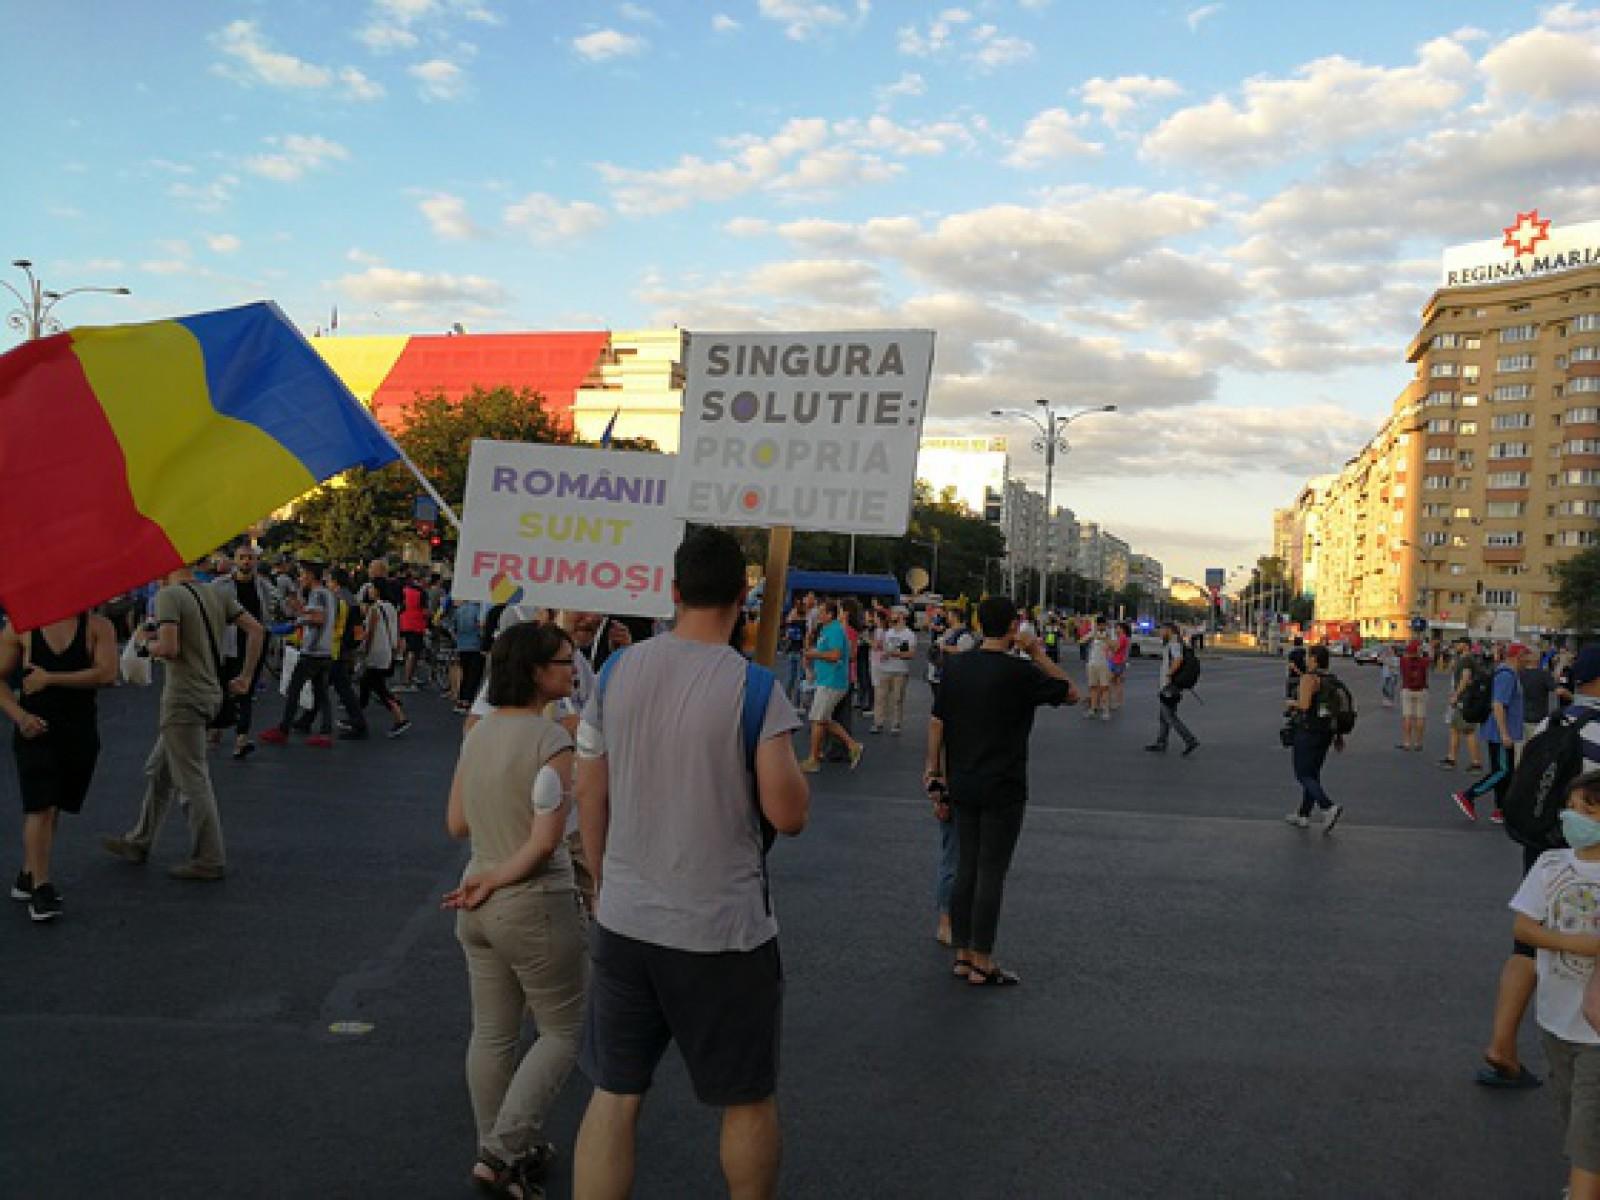 Participanţii la proteste răspund la apelul lansat de procurorii militari: 19 persoane au depus plângeri penale împotriva jandarmilor